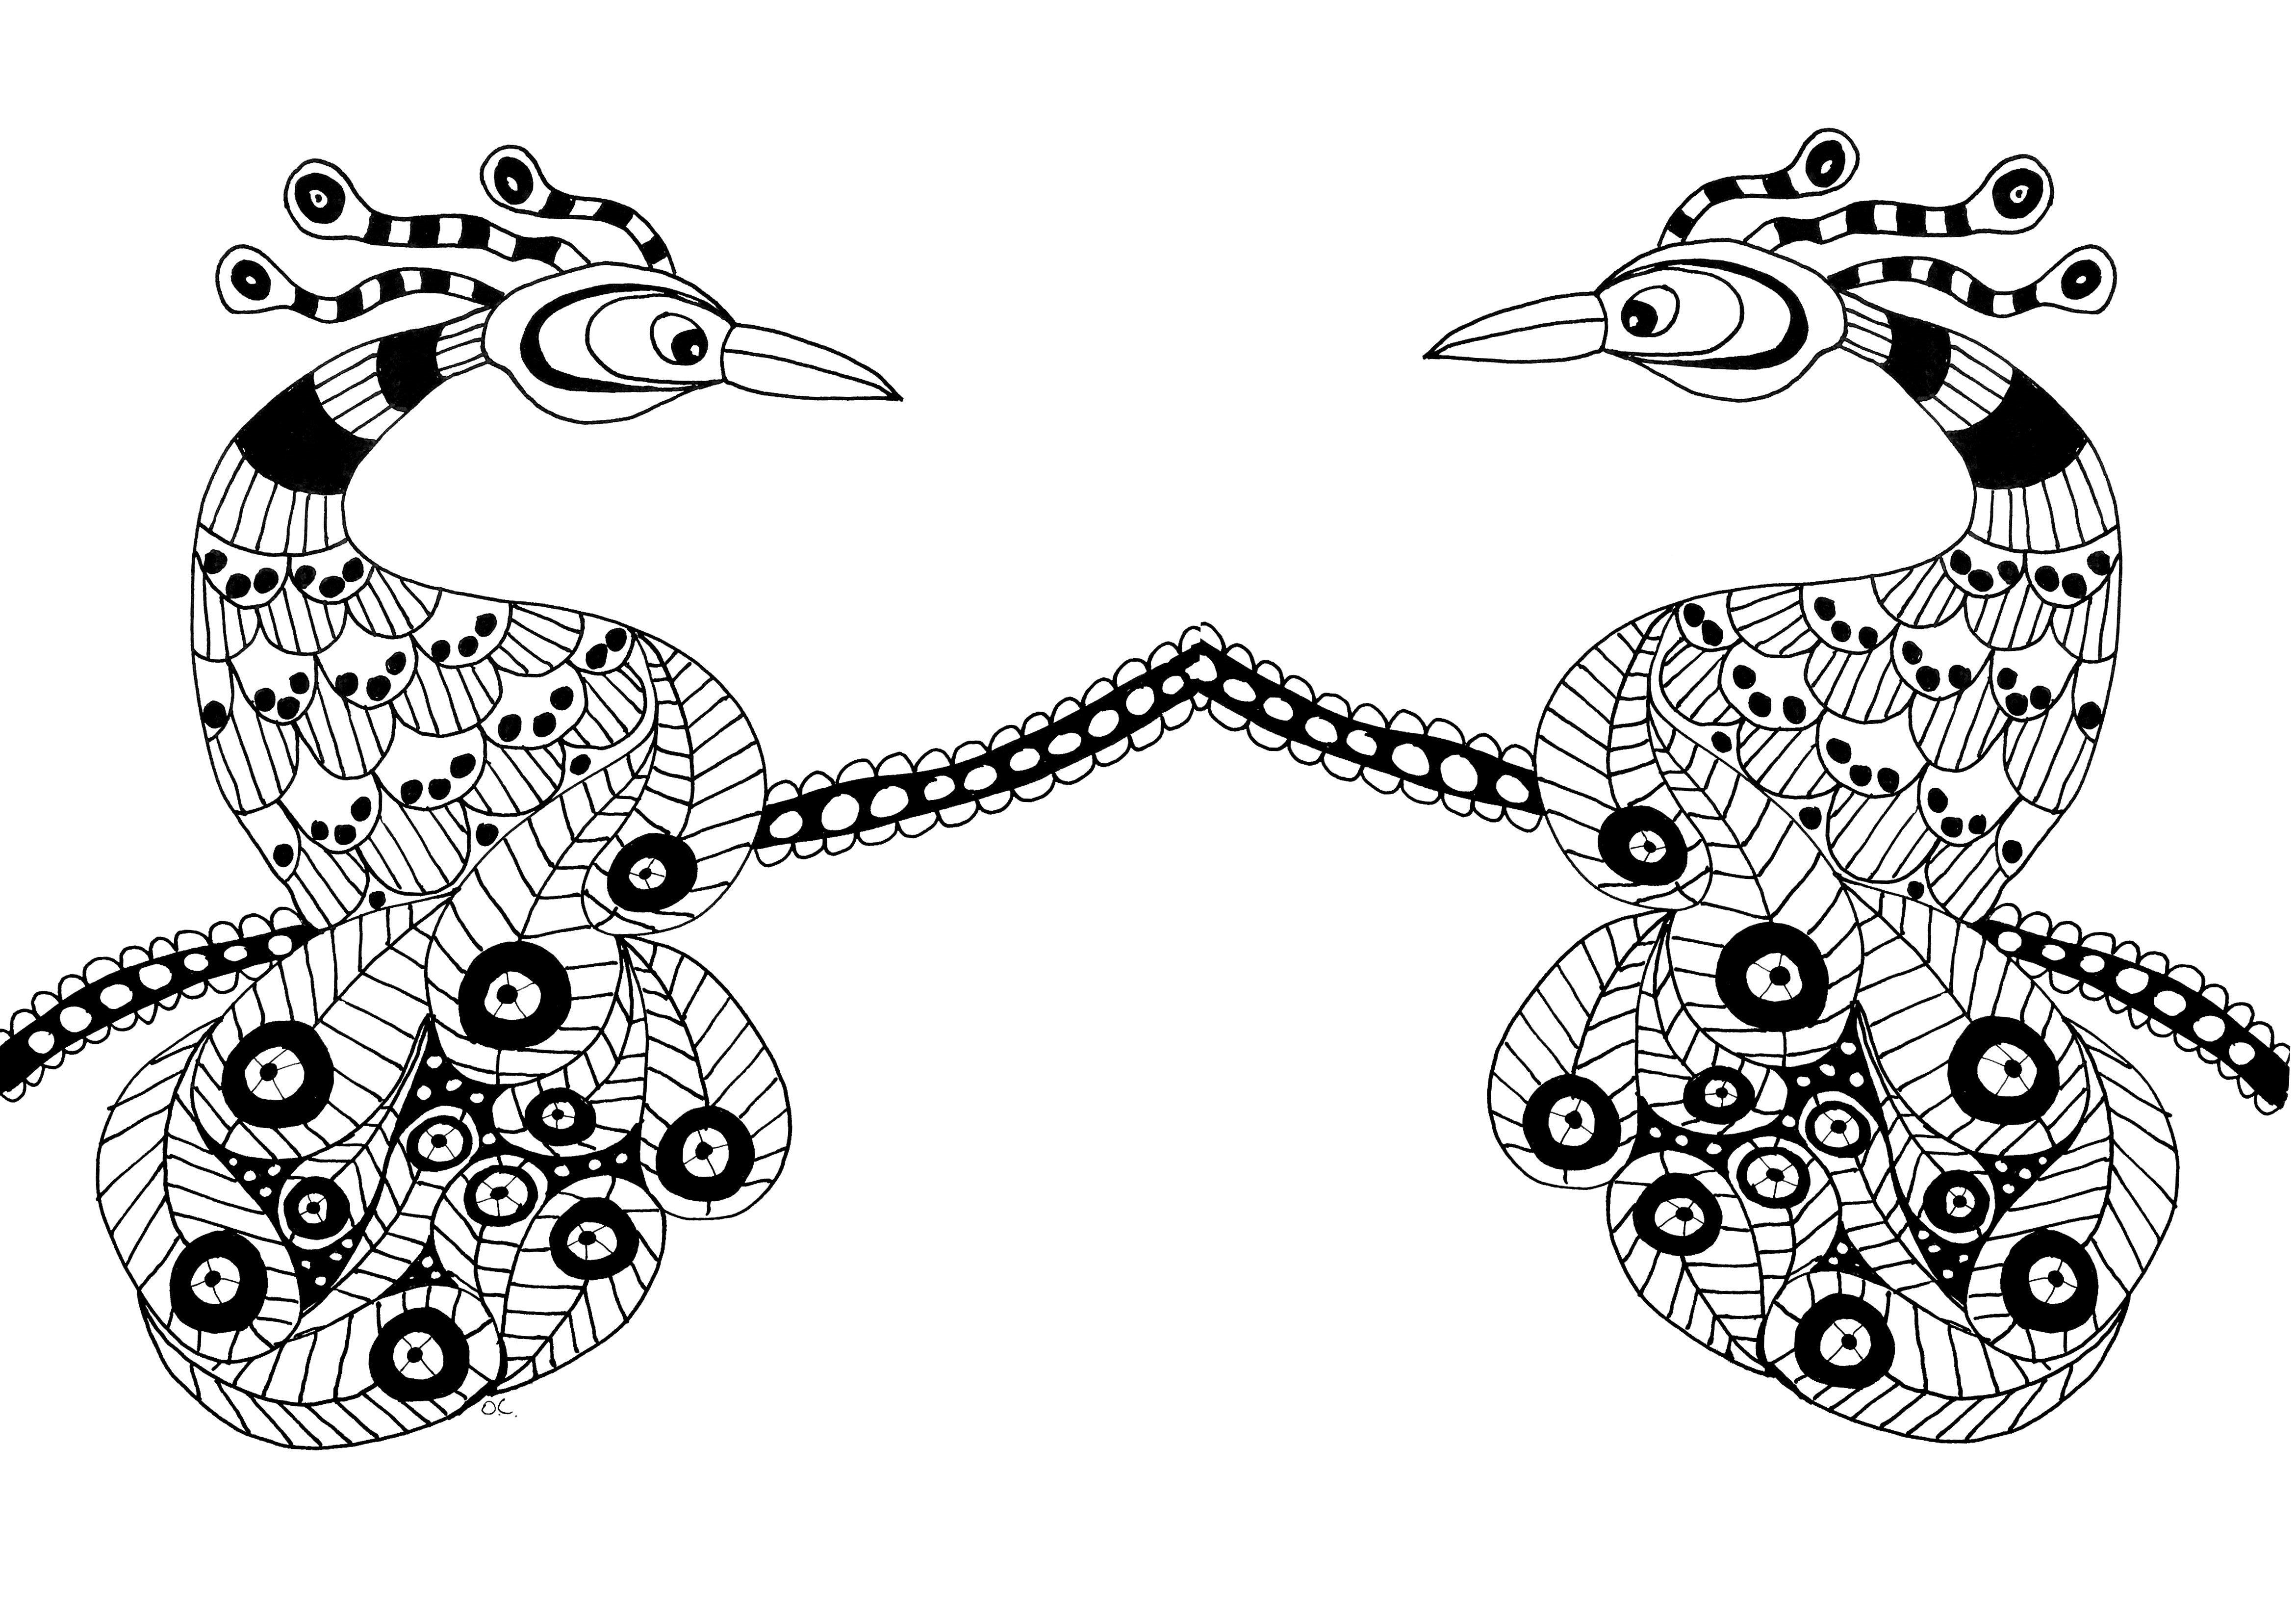 Deux oiseaux extraordinaires